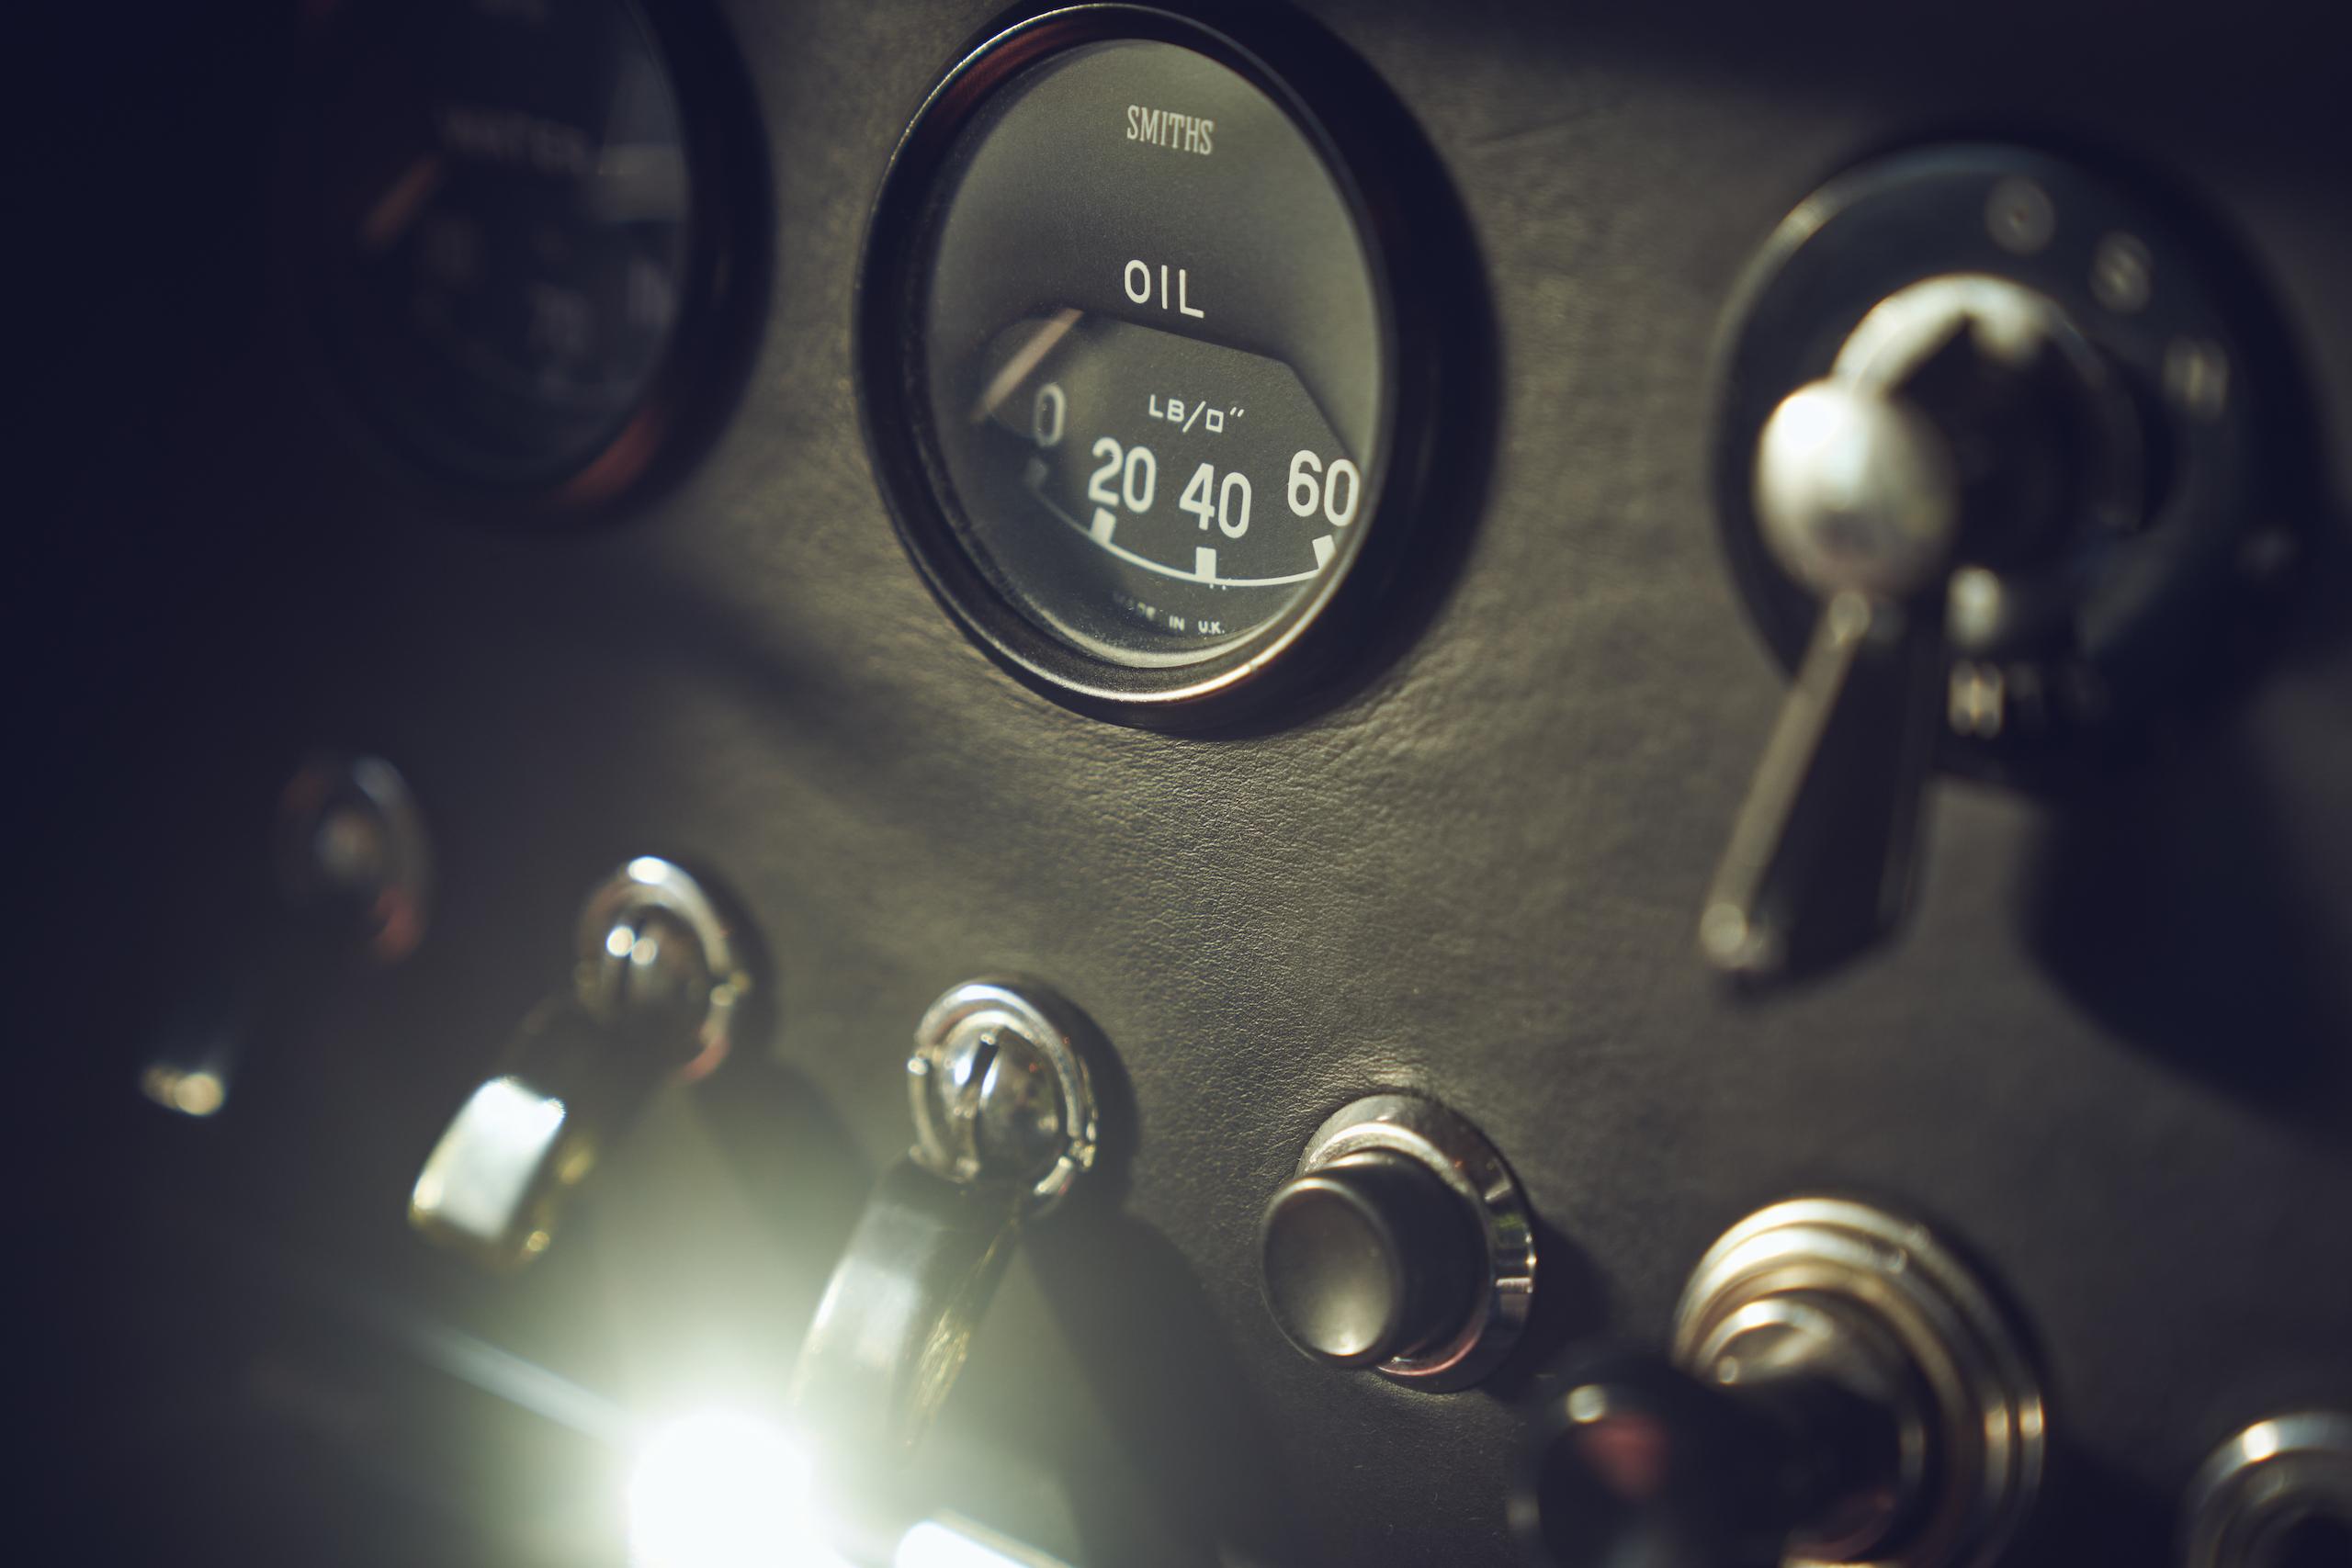 Jaguar E-Type gauges